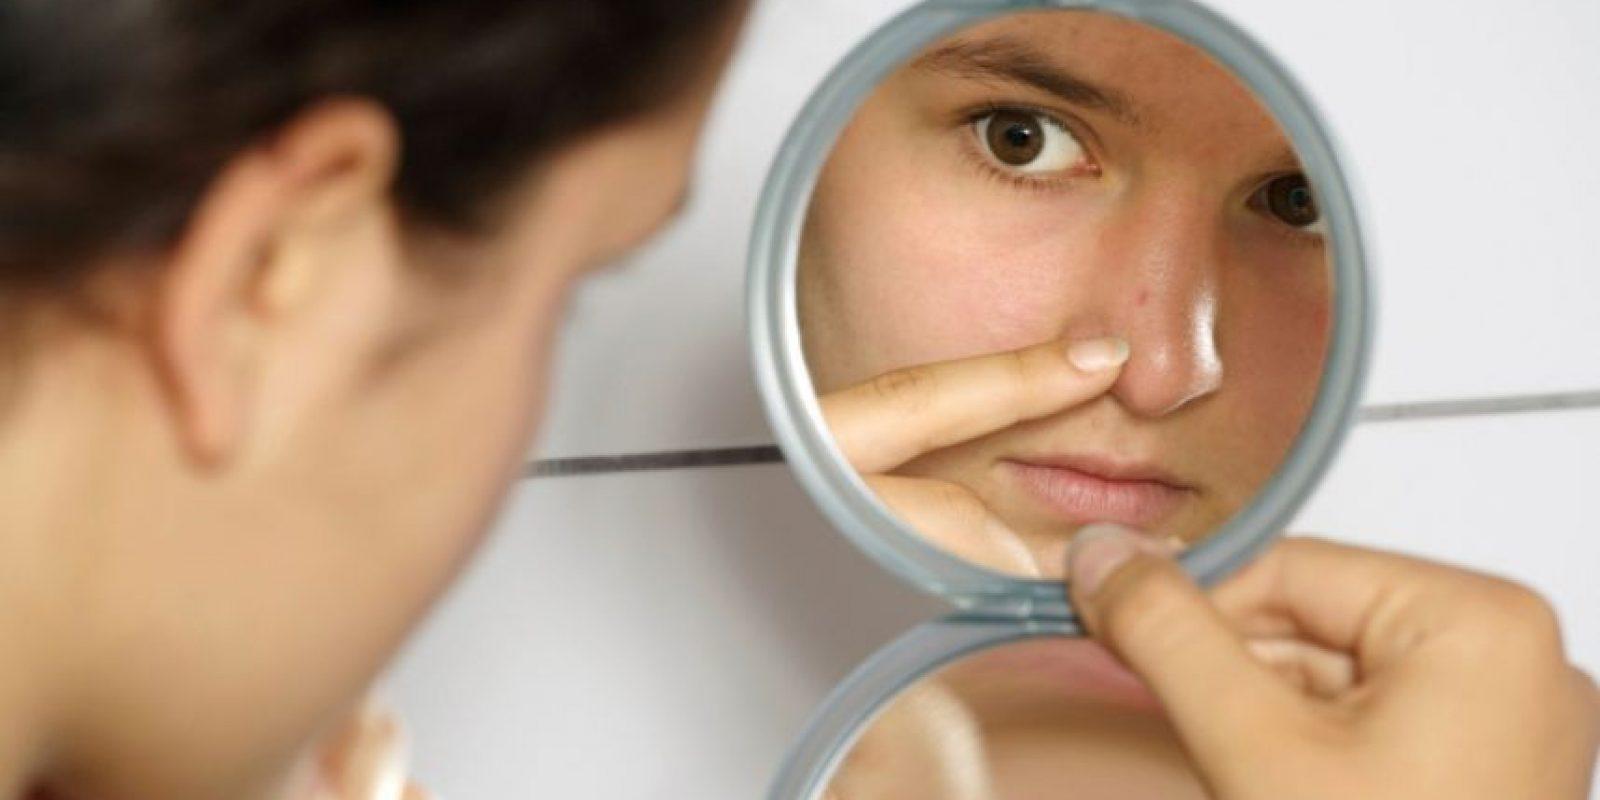 Dentro de otros malestares pueden causar ideales de belleza que pueden manifestarse en depresión. Foto:Getty Images